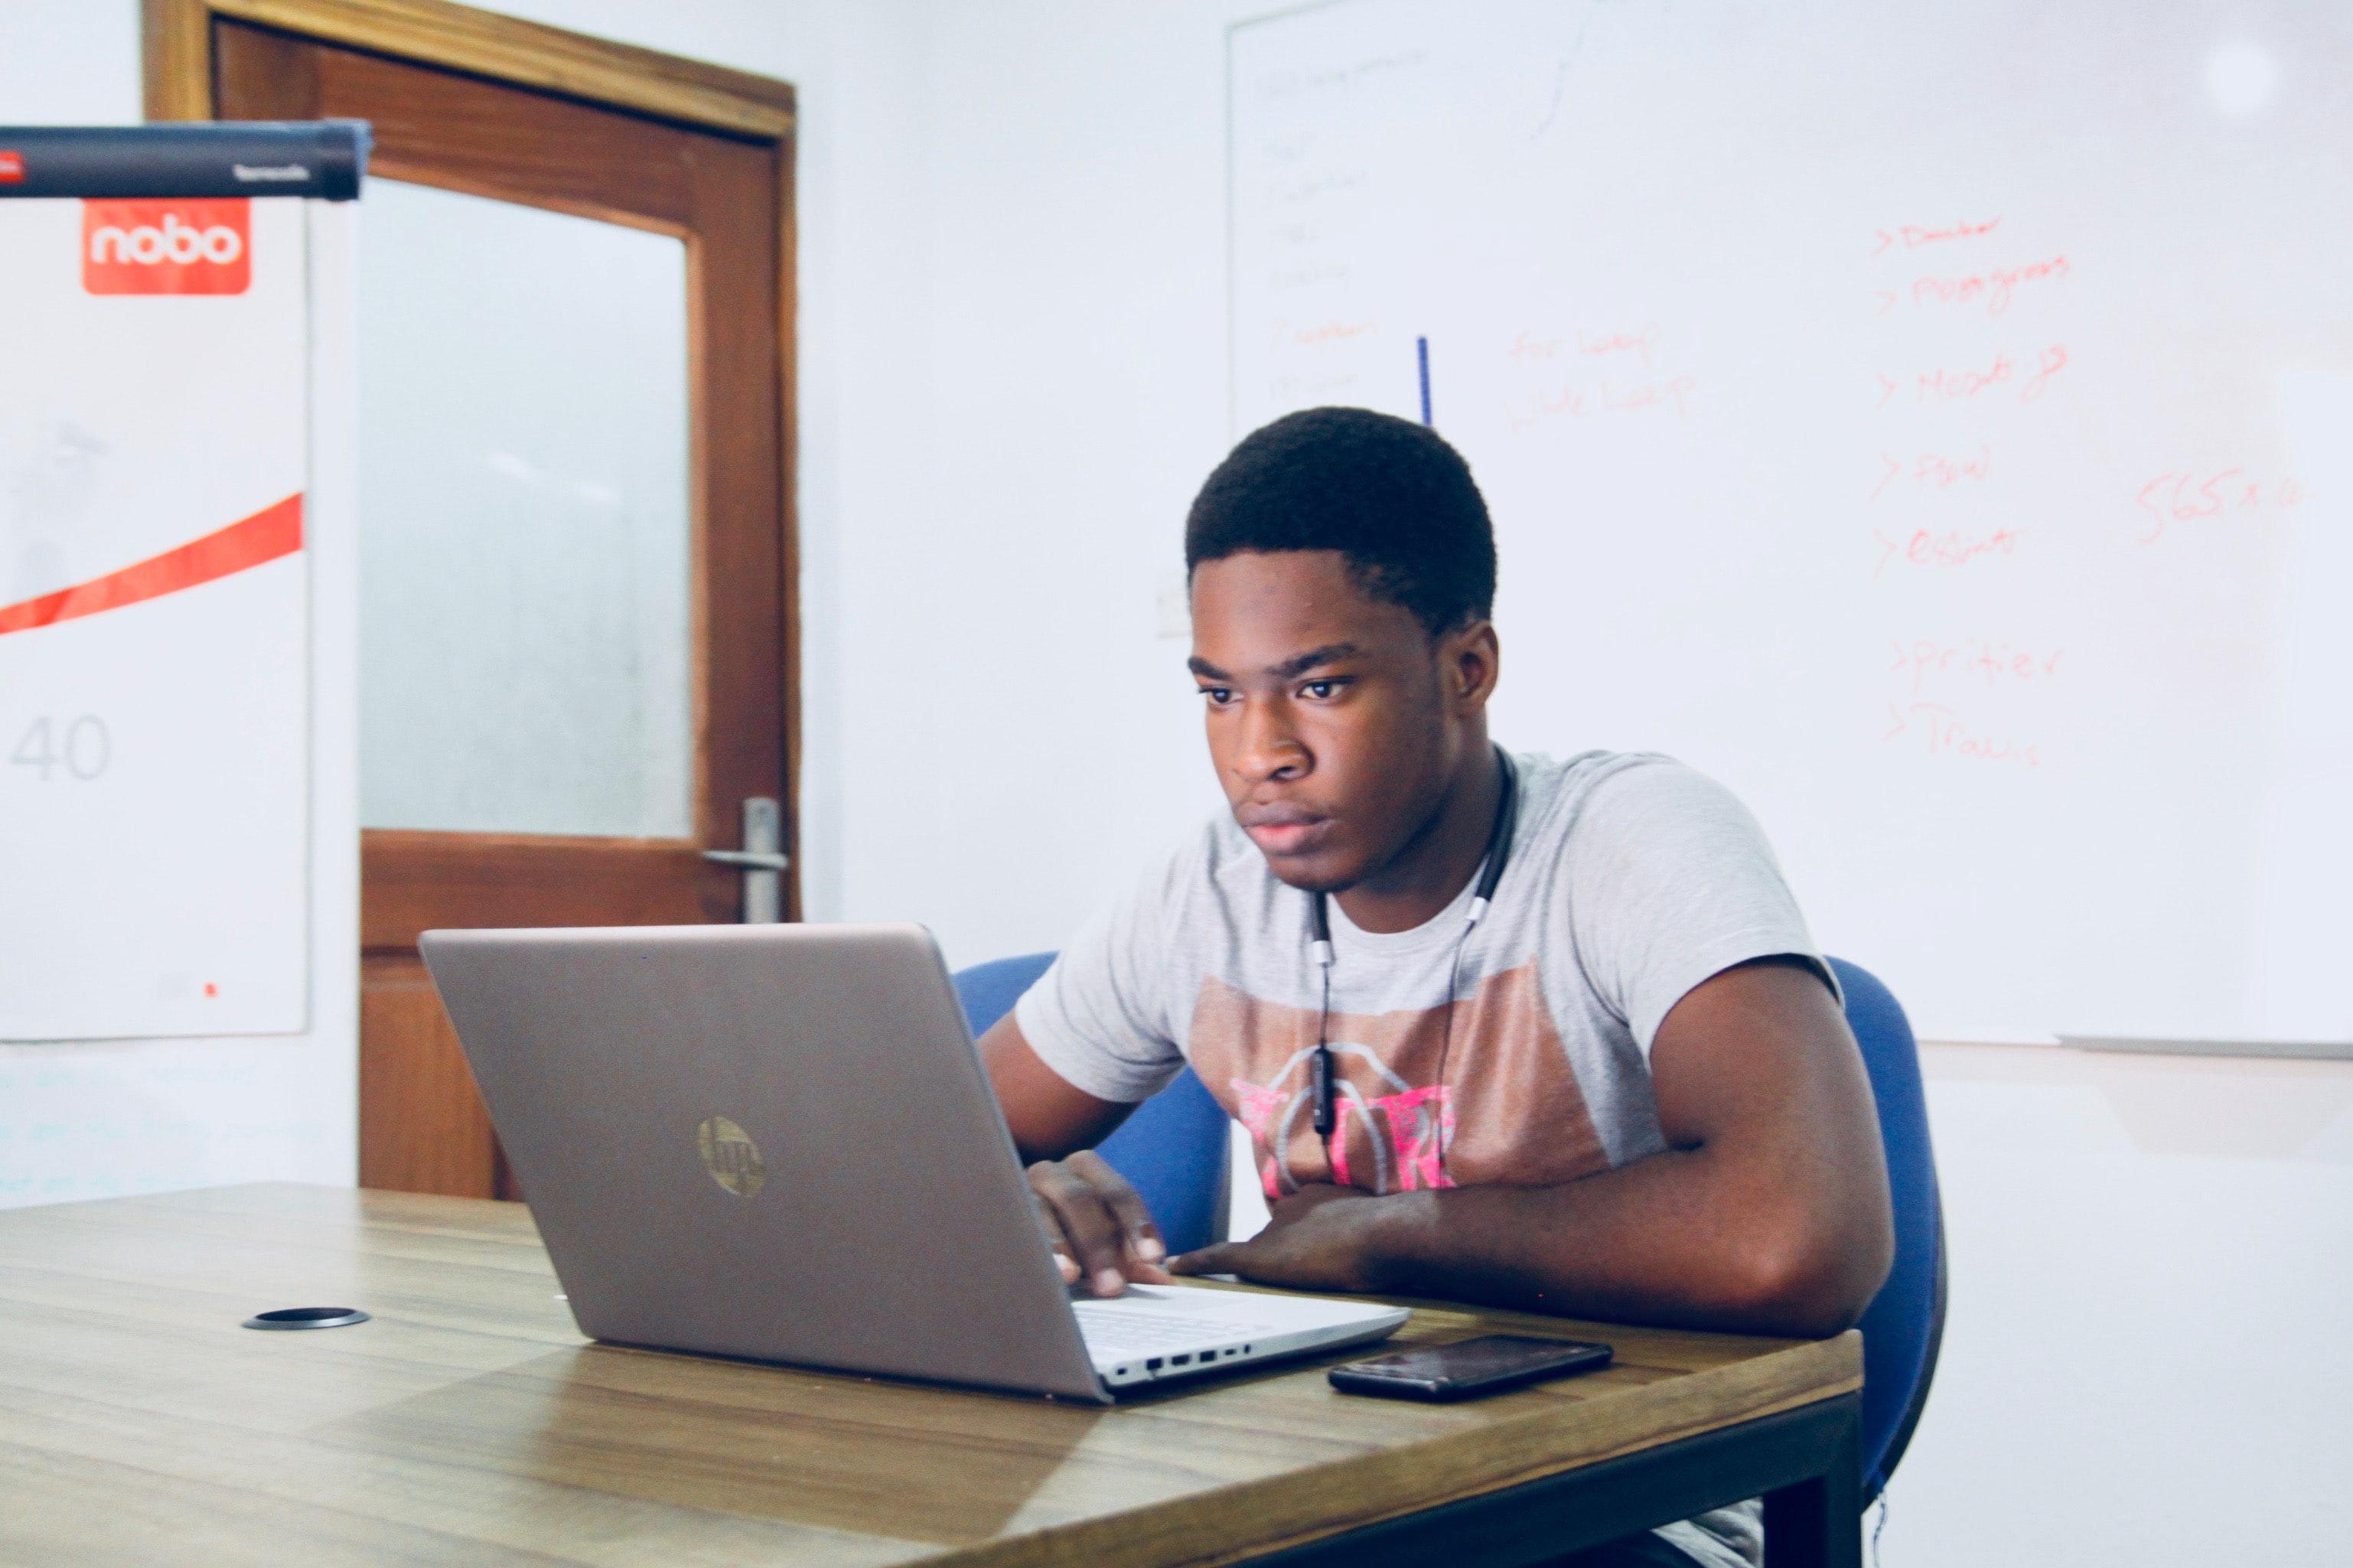 Young man at laptop